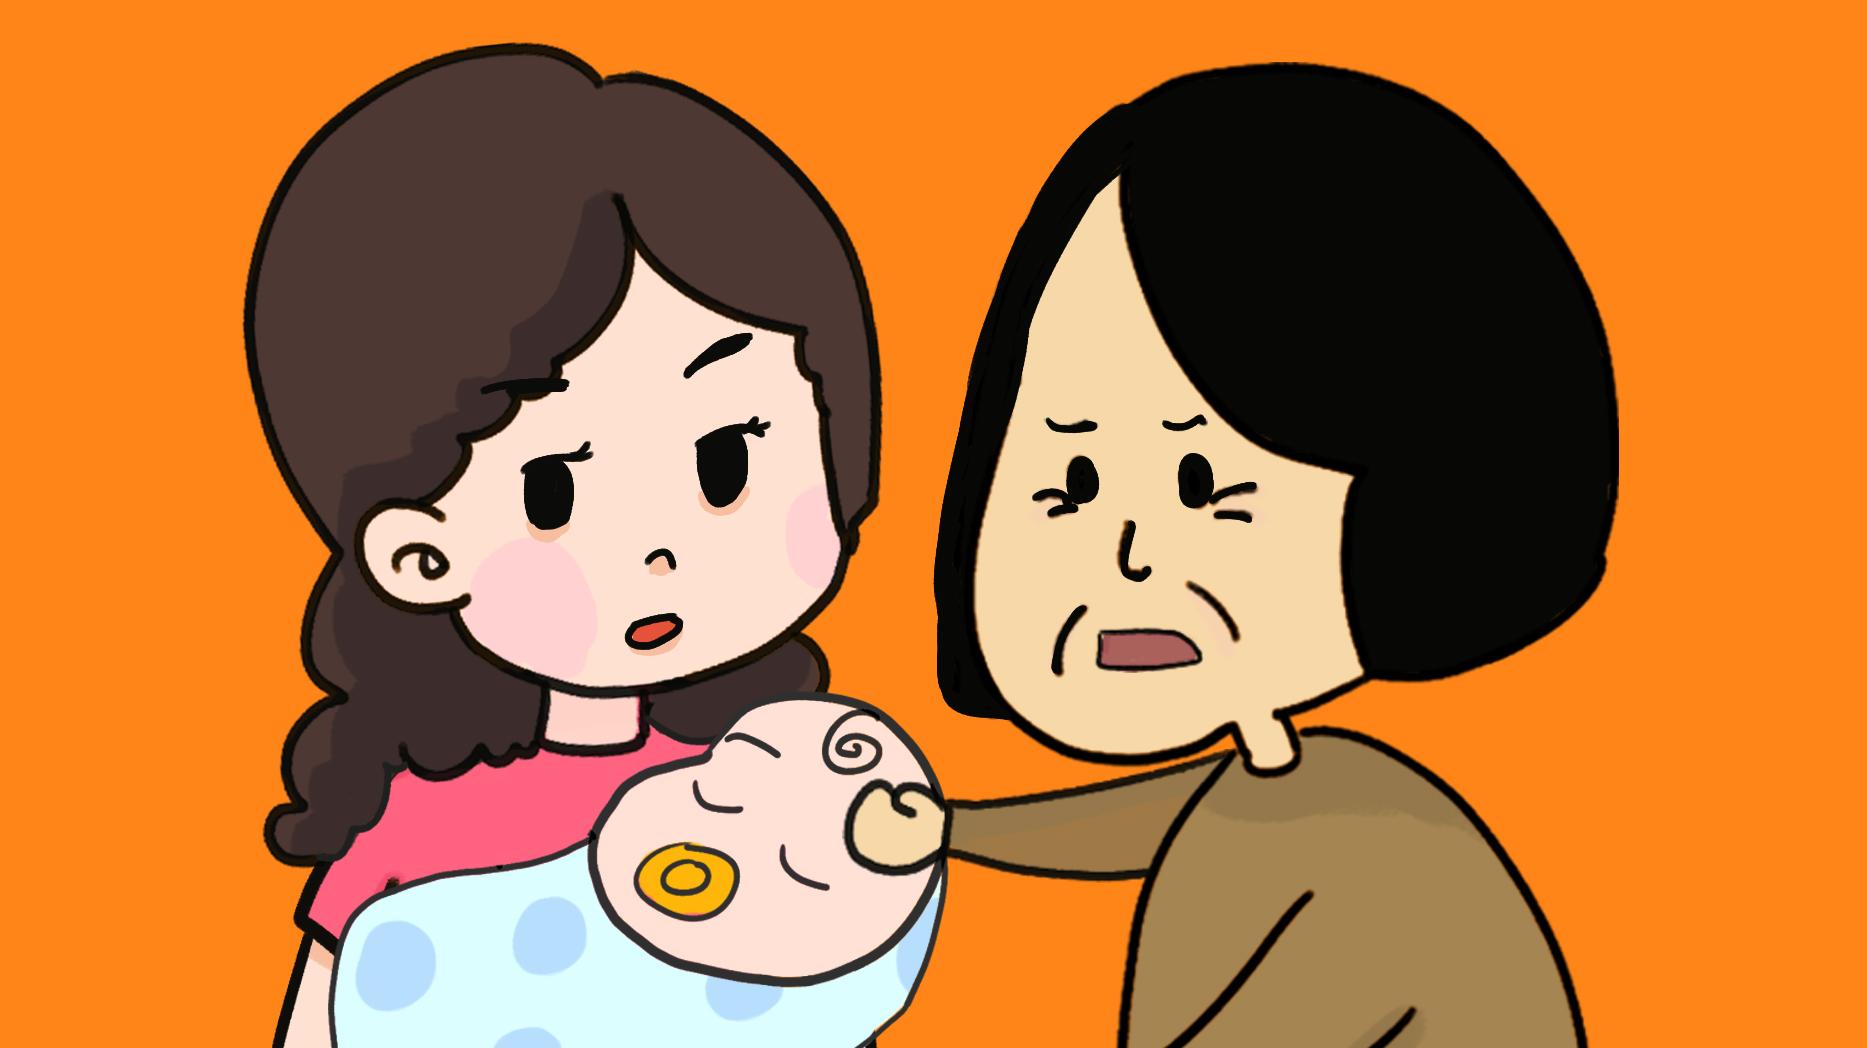 姥姥带大俩外孙,却更喜爱奶奶,孩子说出原因后,家长需要反省!